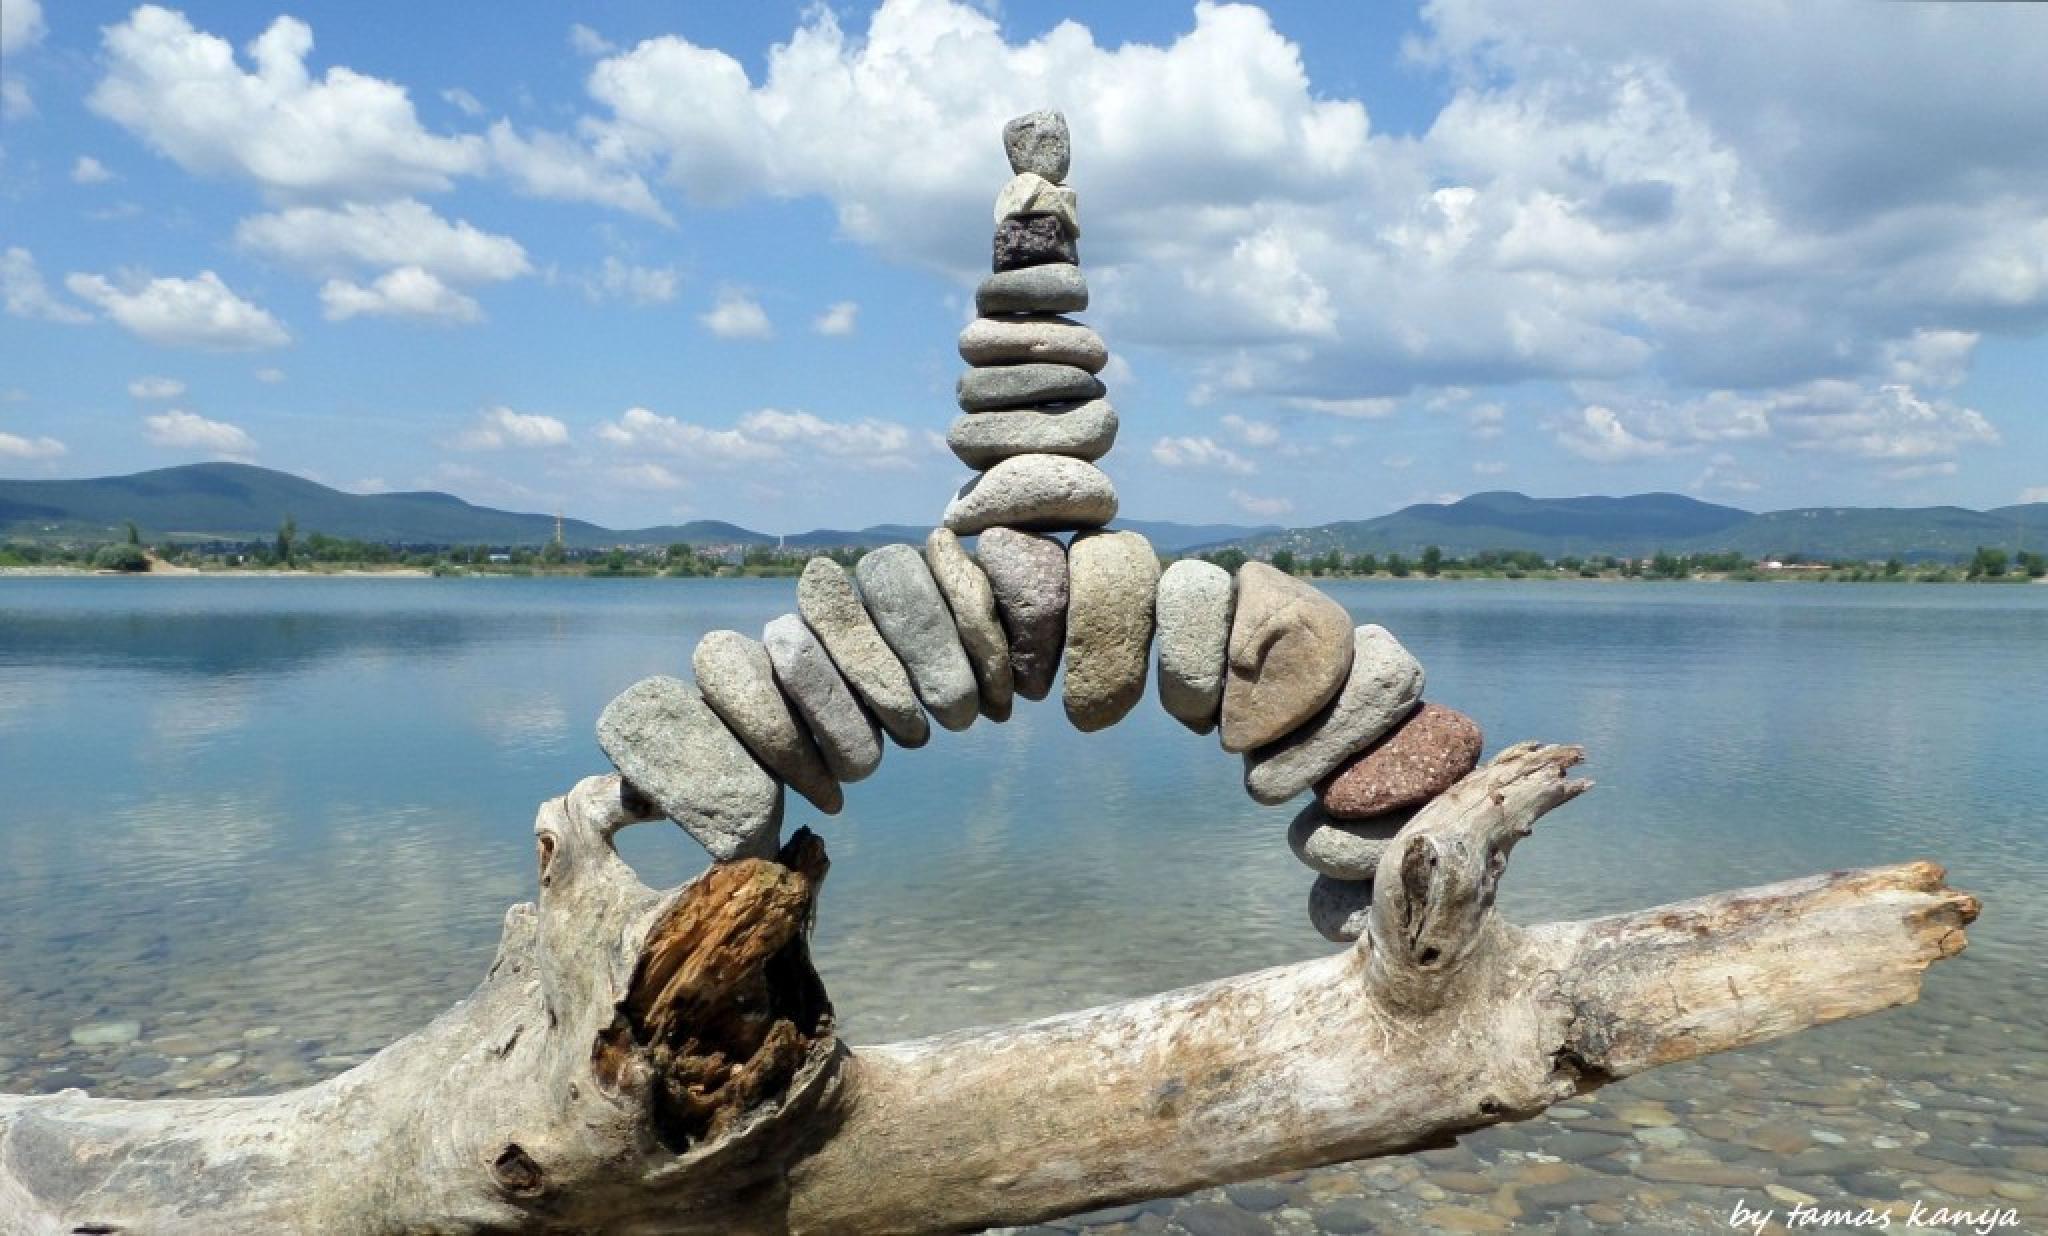 Stone balance in Hungary by tamas kanya by Tamas Kanya